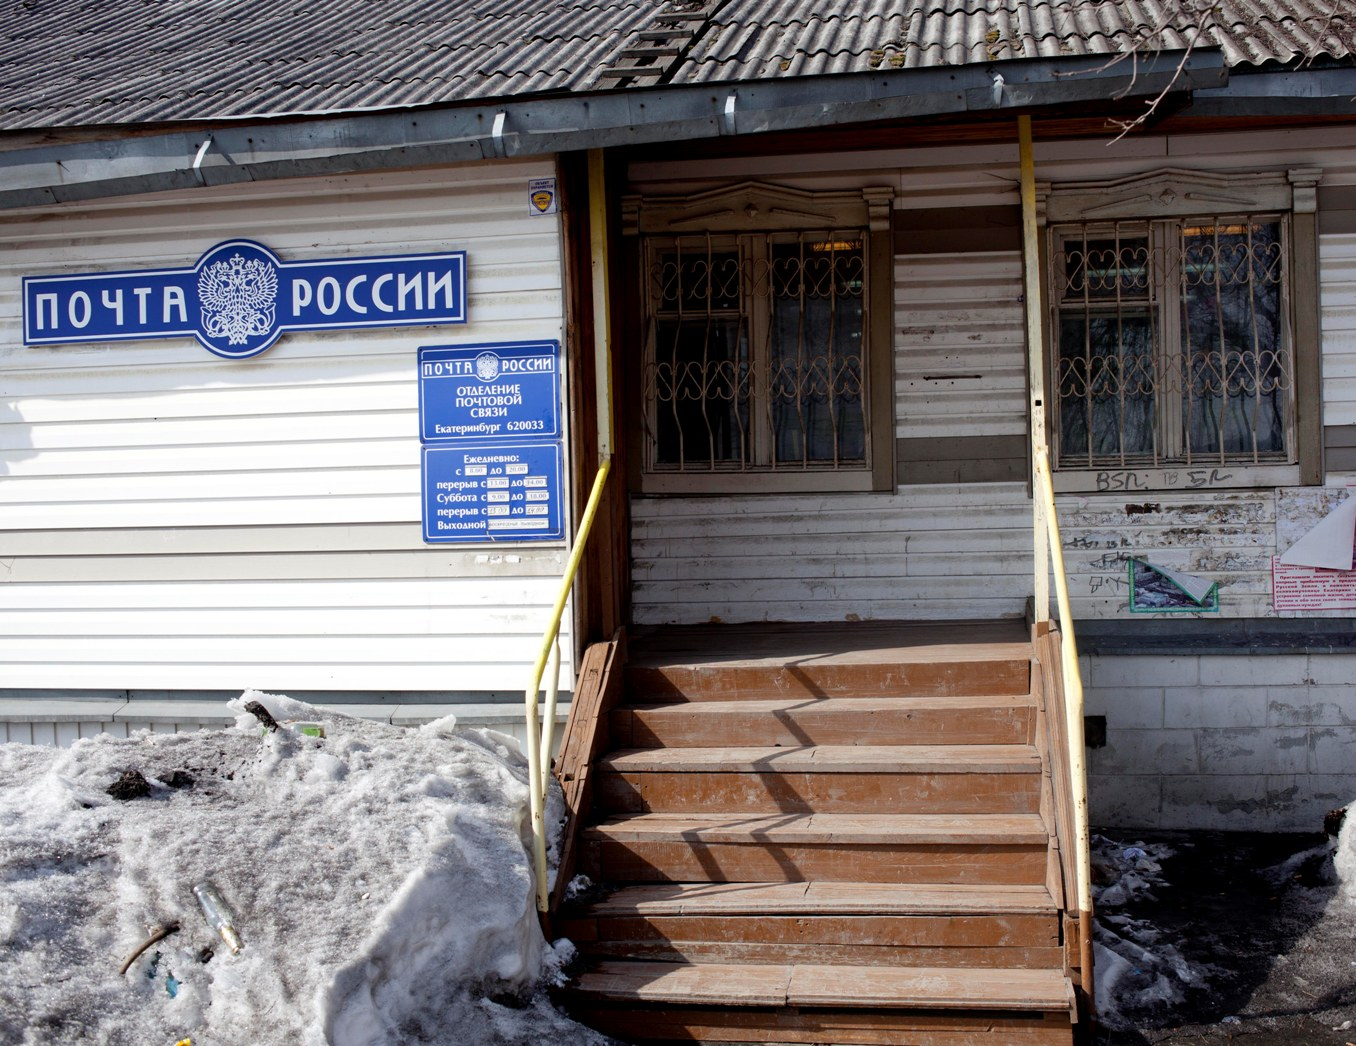 «Почта России» доставит скопившиеся посылки за 2 недели